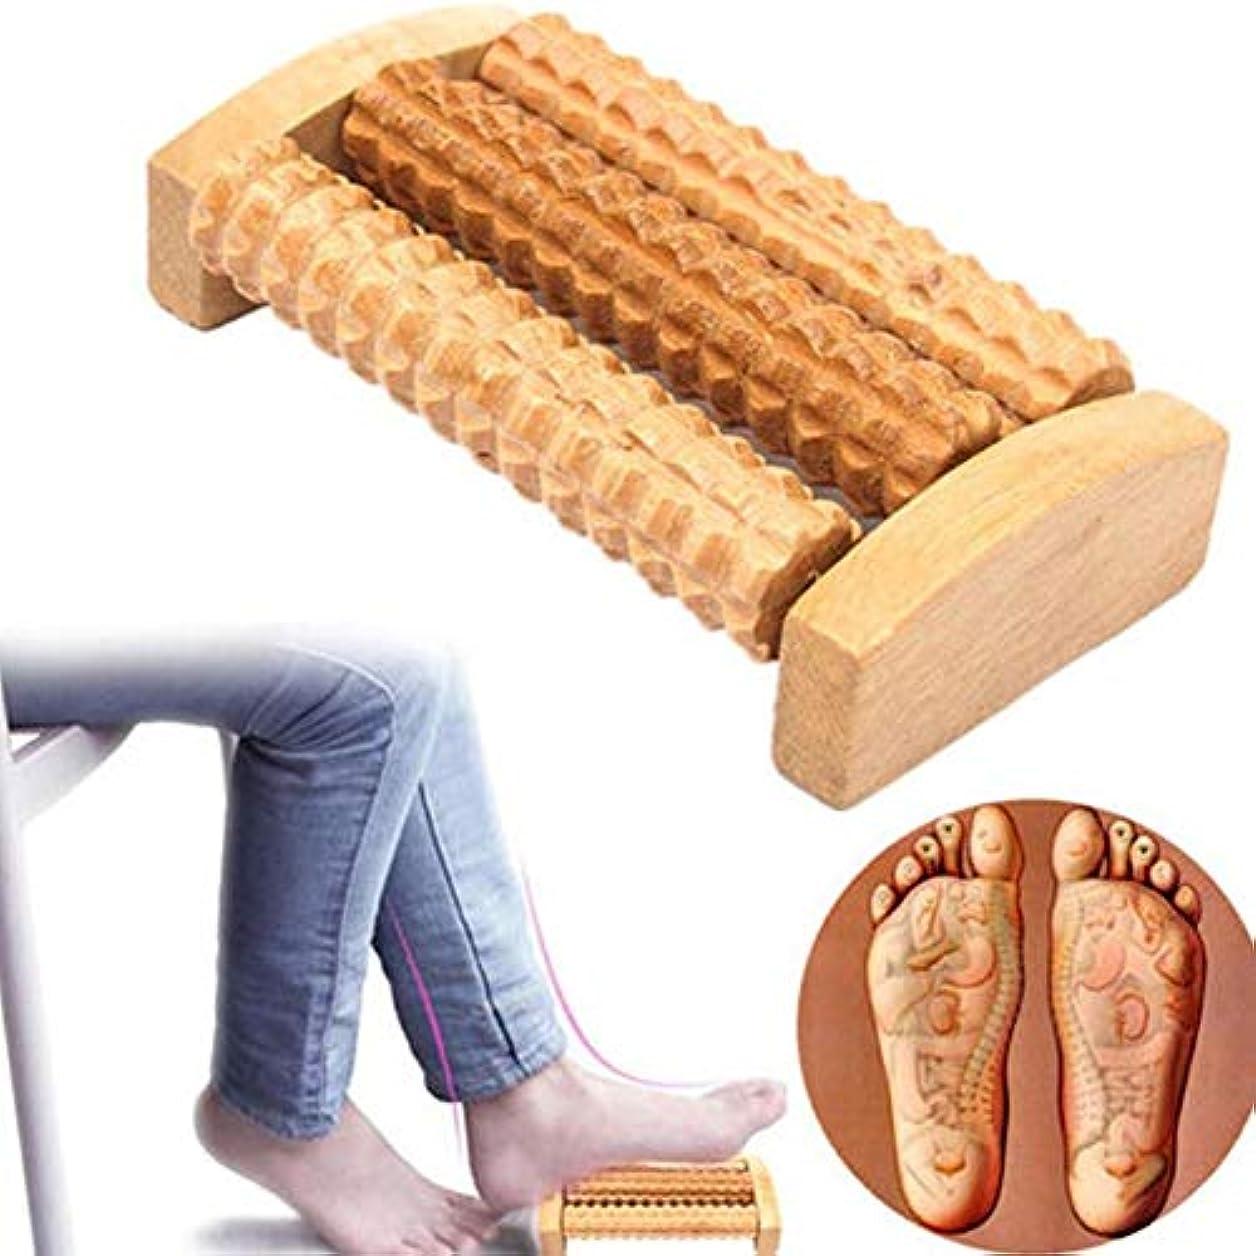 弾力性のあるレジアカデミック木製フットマッサージャー高品質木製 5 行応力除去治療リラックスマッサージローラー健康 足ケアマッサージツール